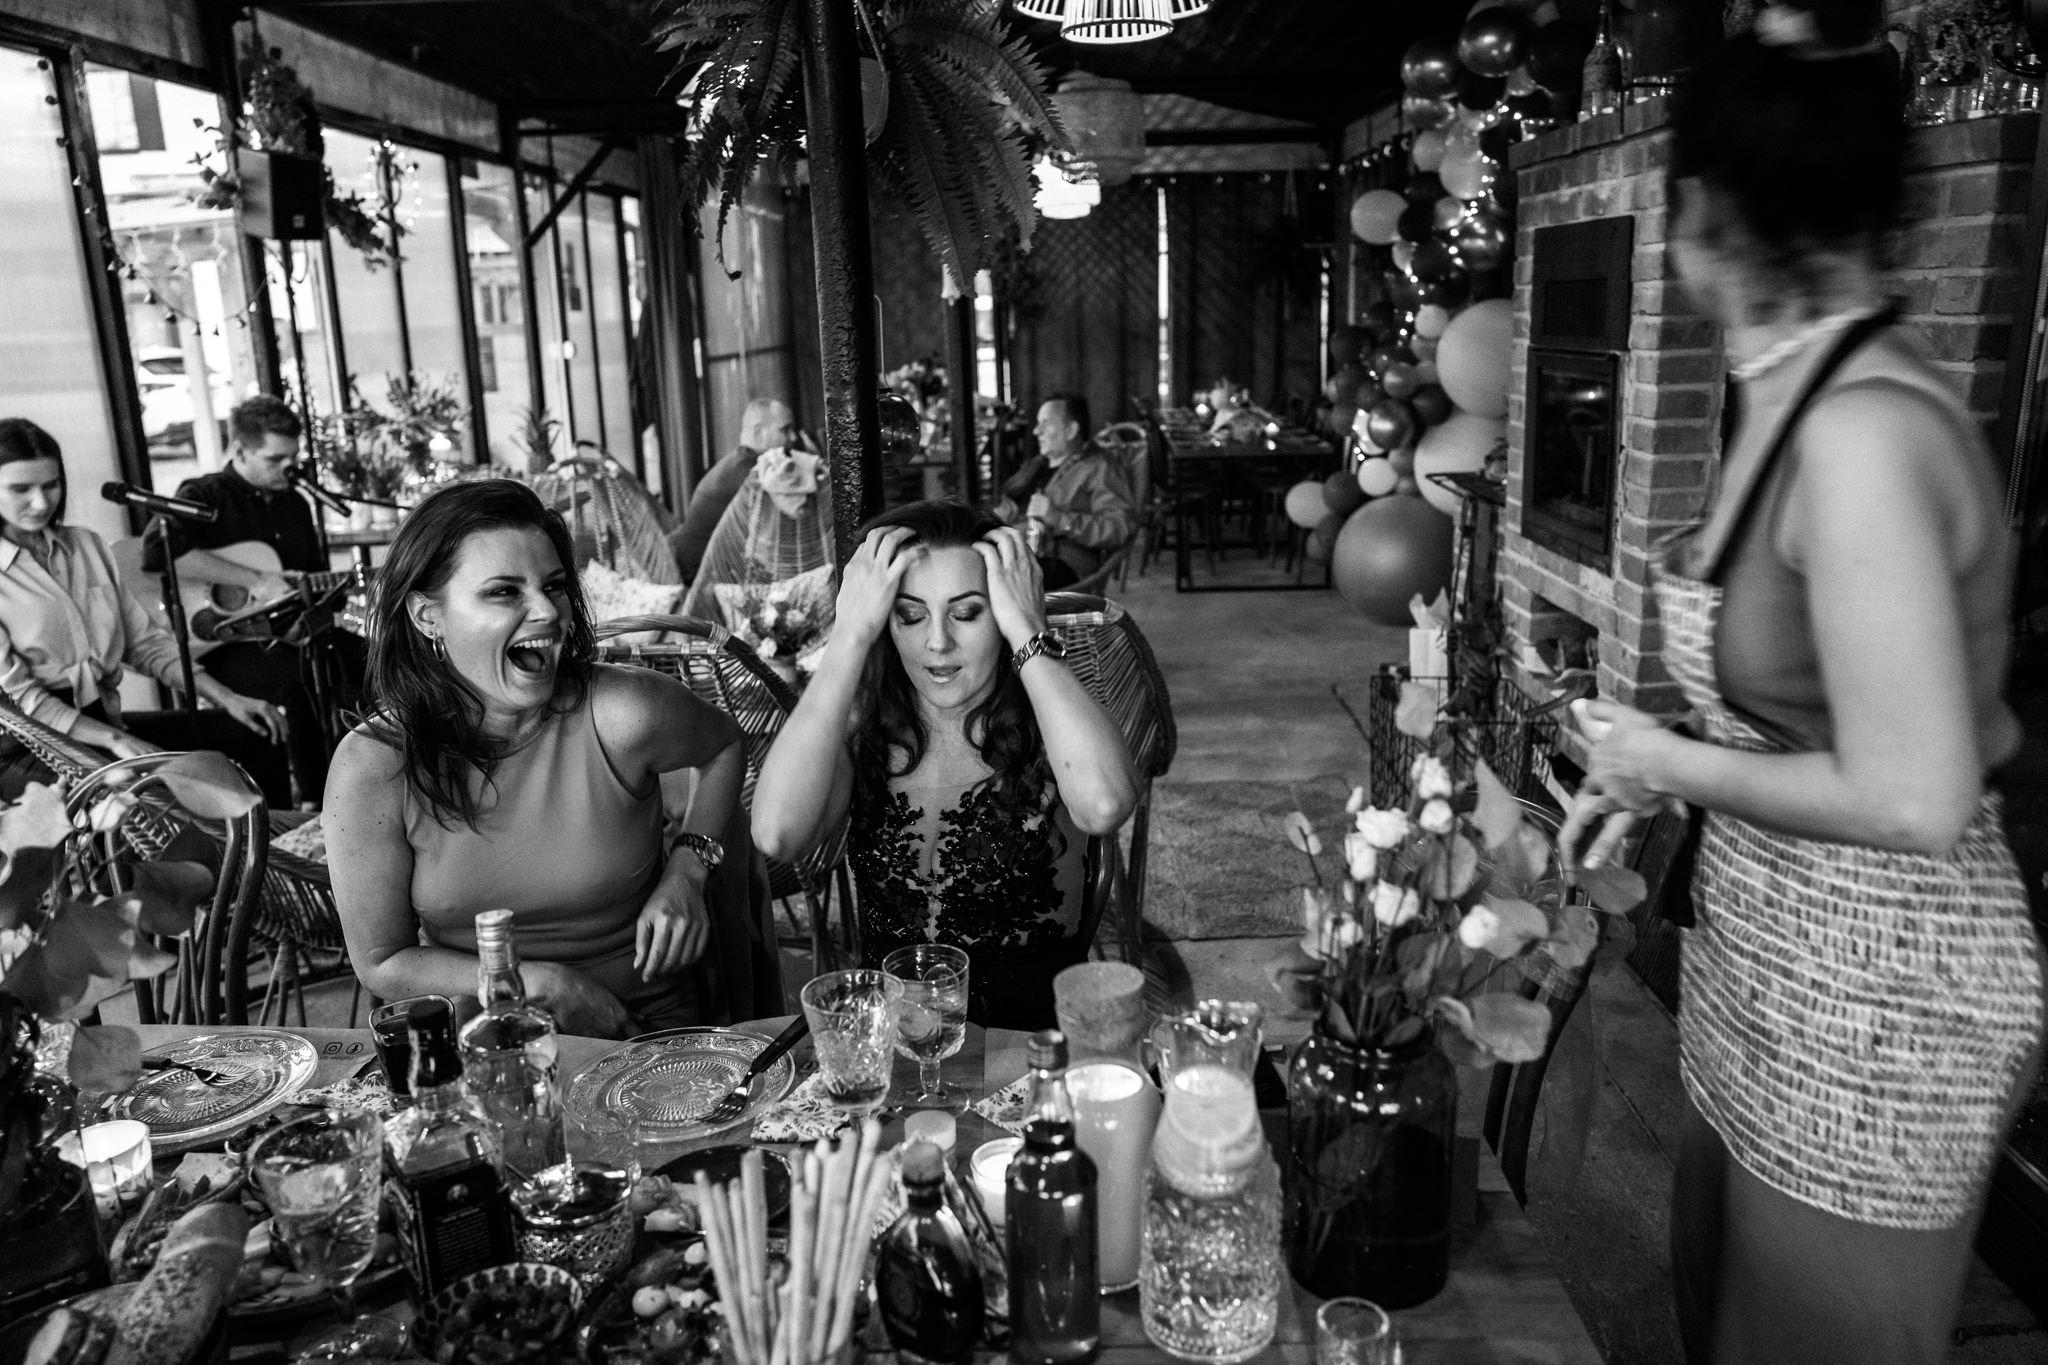 Fotograf na urodziny - czy to ma sens? 19